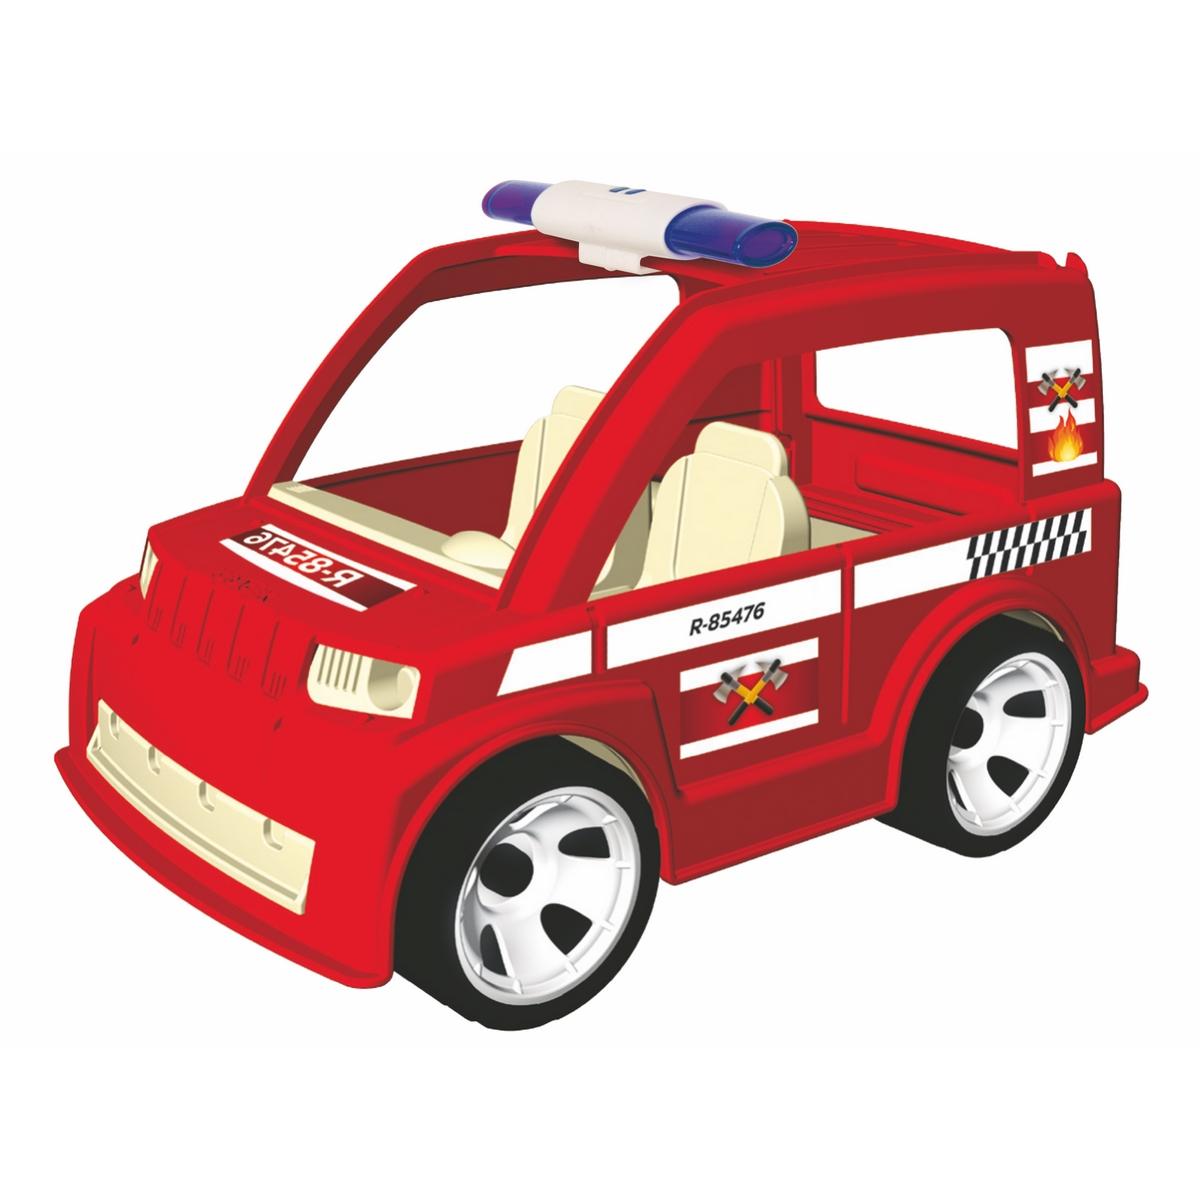 MultiGo Пожарная машина с пожарным23218Пожарная машина MultiGo внесет разнообразие в игры с машинками, позволяя придумывать новые сюжеты. Колеса машинки свободно вращаются. Идеальная машина для быстрого реагирования! Задняя дверь открывается. Кабина имеет два посадочных места для двух фигурок. Фигурка может наклоняться, руки фигурки поднимаются и опускаются, голова поворачивается. Волосы и головной убор съемные, их можно менять с другими фигурками. Специальная система MultiGo позволяет детям легко менять и добавлять различные игровые аксессуары. Одна игрушка легко преобразуется в другую. Сделайте вашему ребенку такой замечательный подарок!